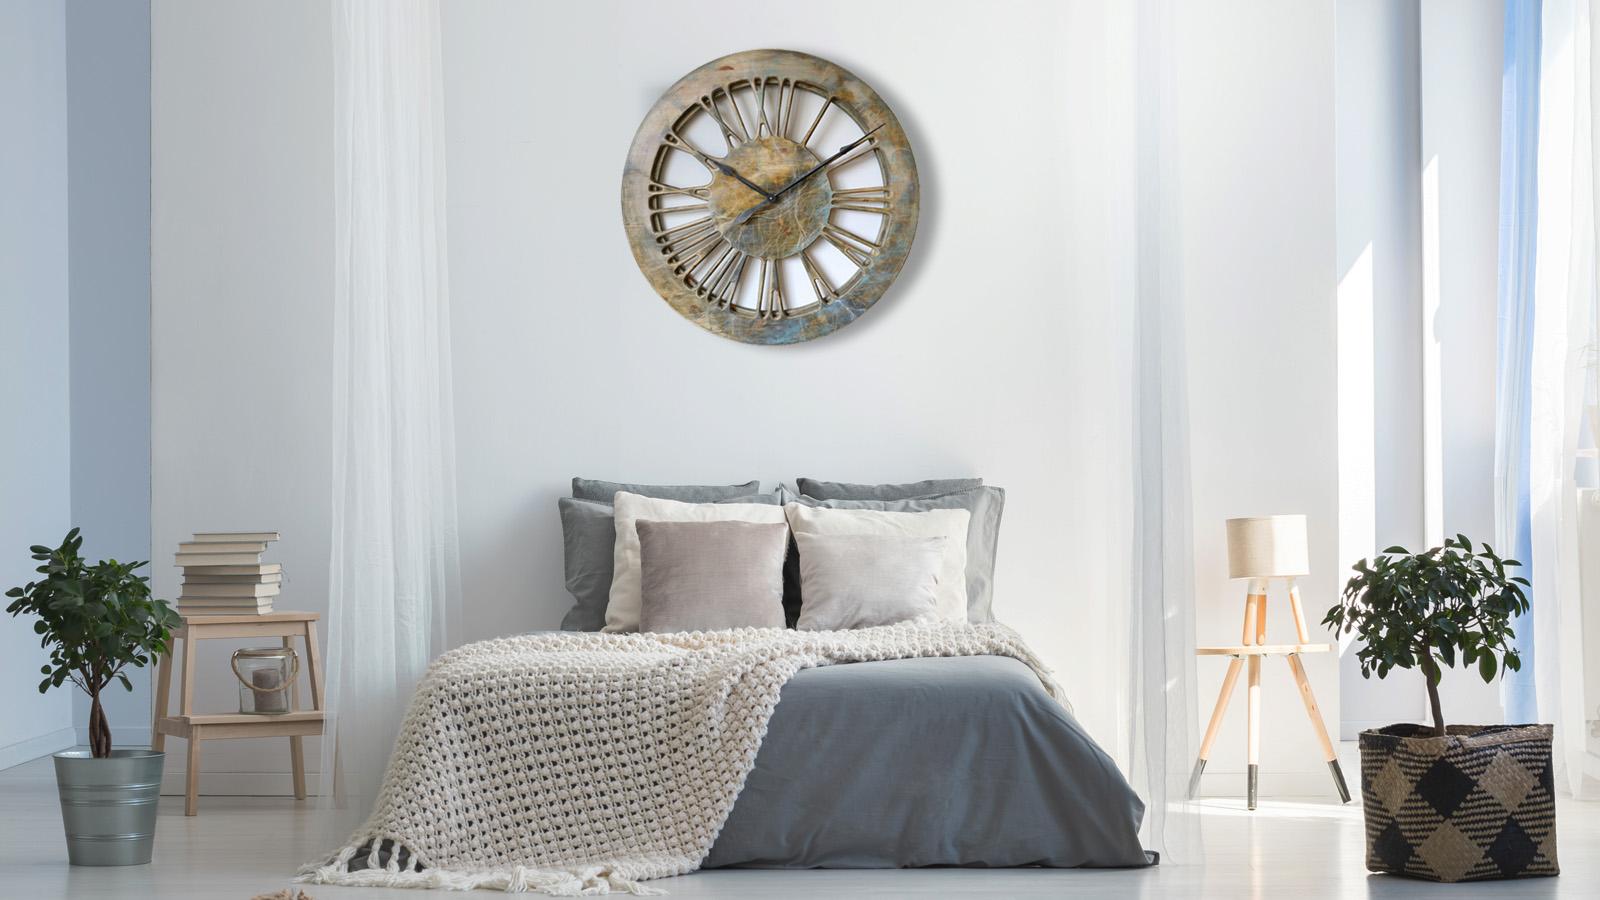 sch ne wanduhren in verschiedenen inneneinrichtungen gezeigt. Black Bedroom Furniture Sets. Home Design Ideas